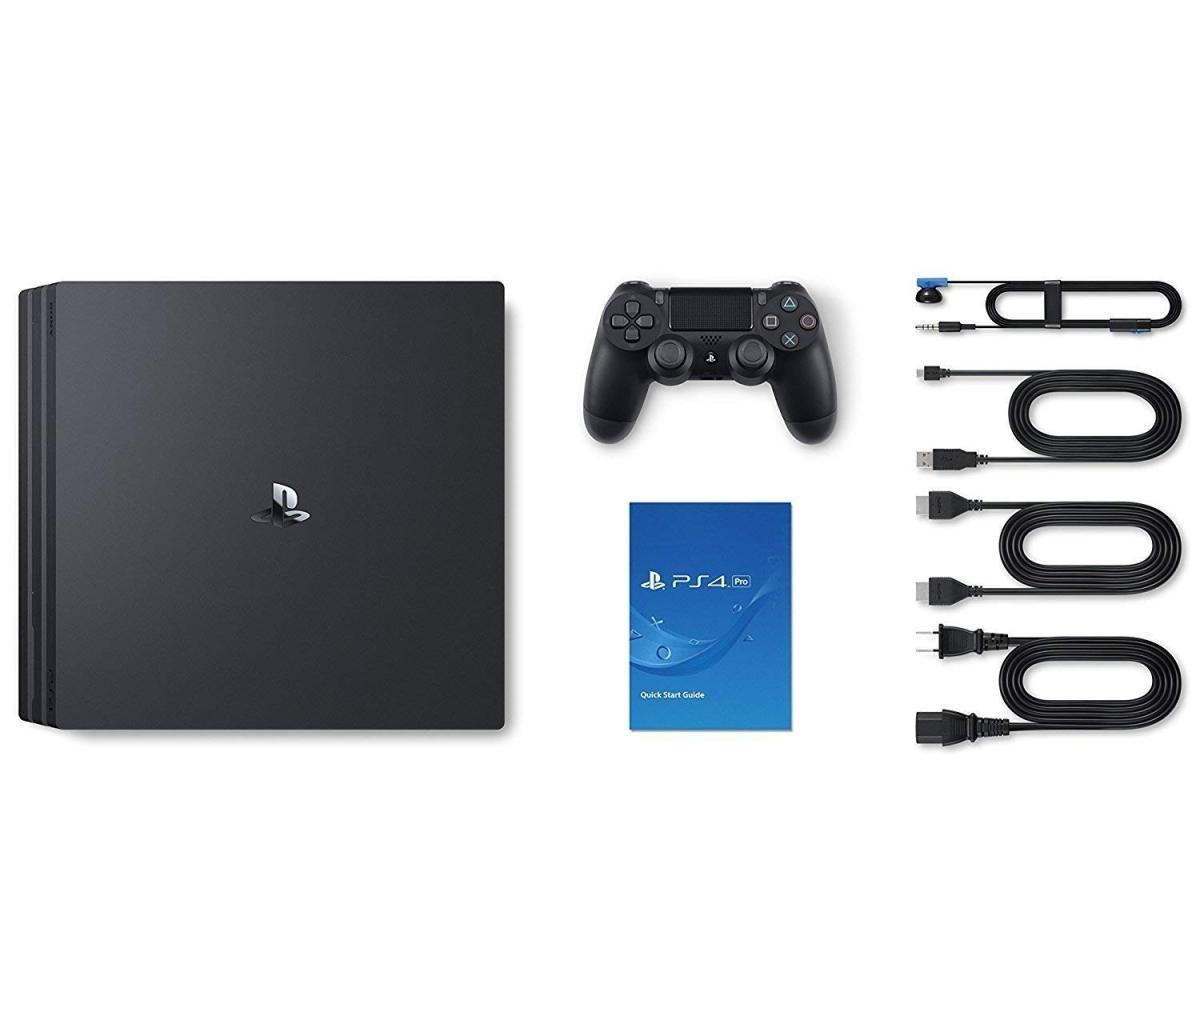 PlayStation4 Pro ジェット・ブラック 1TB CUH-7200BB01の商品画像|3